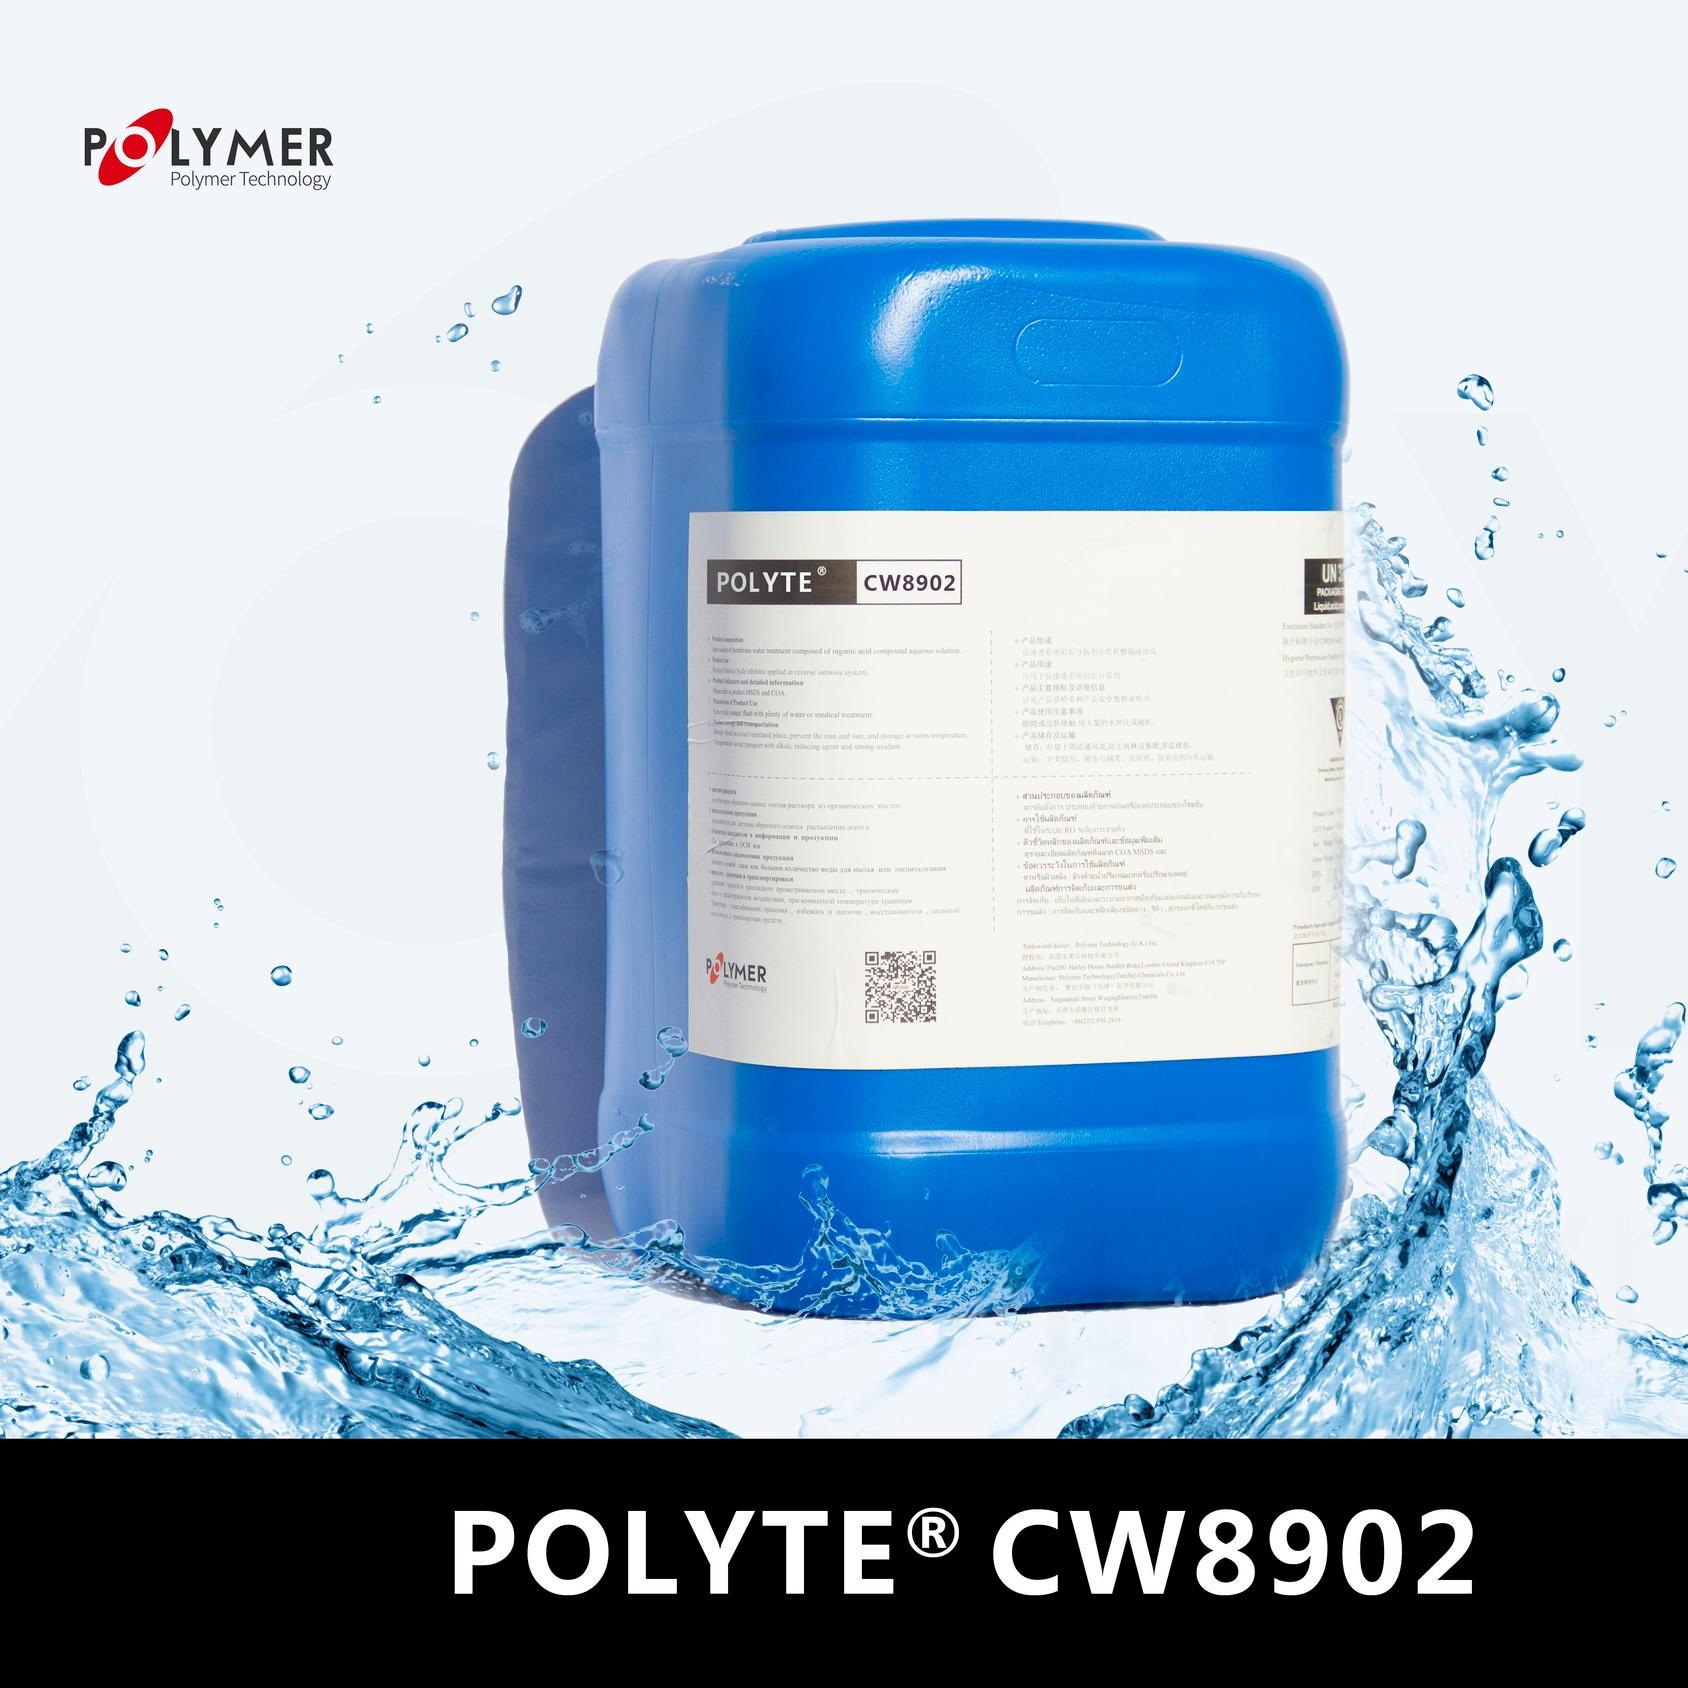 宝莱尔化工专用缓蚀阻垢剂 缓蚀阻垢剂 POLYTE CW8902 化工行业专用 英国POLYMER品牌 厂家直供价格面议